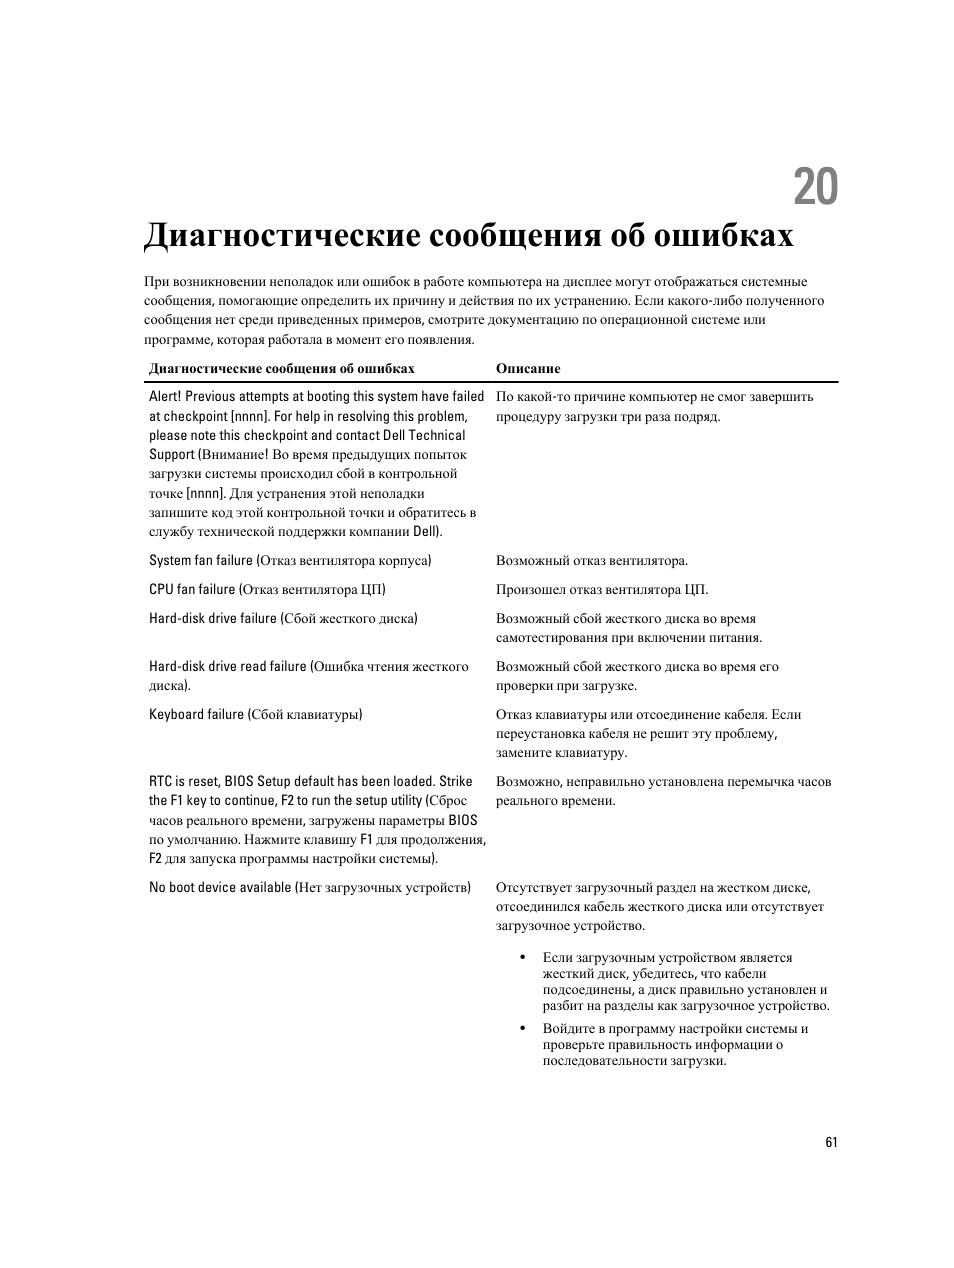 Диагностические сообщения об ошибках, Глава | Инструкция по